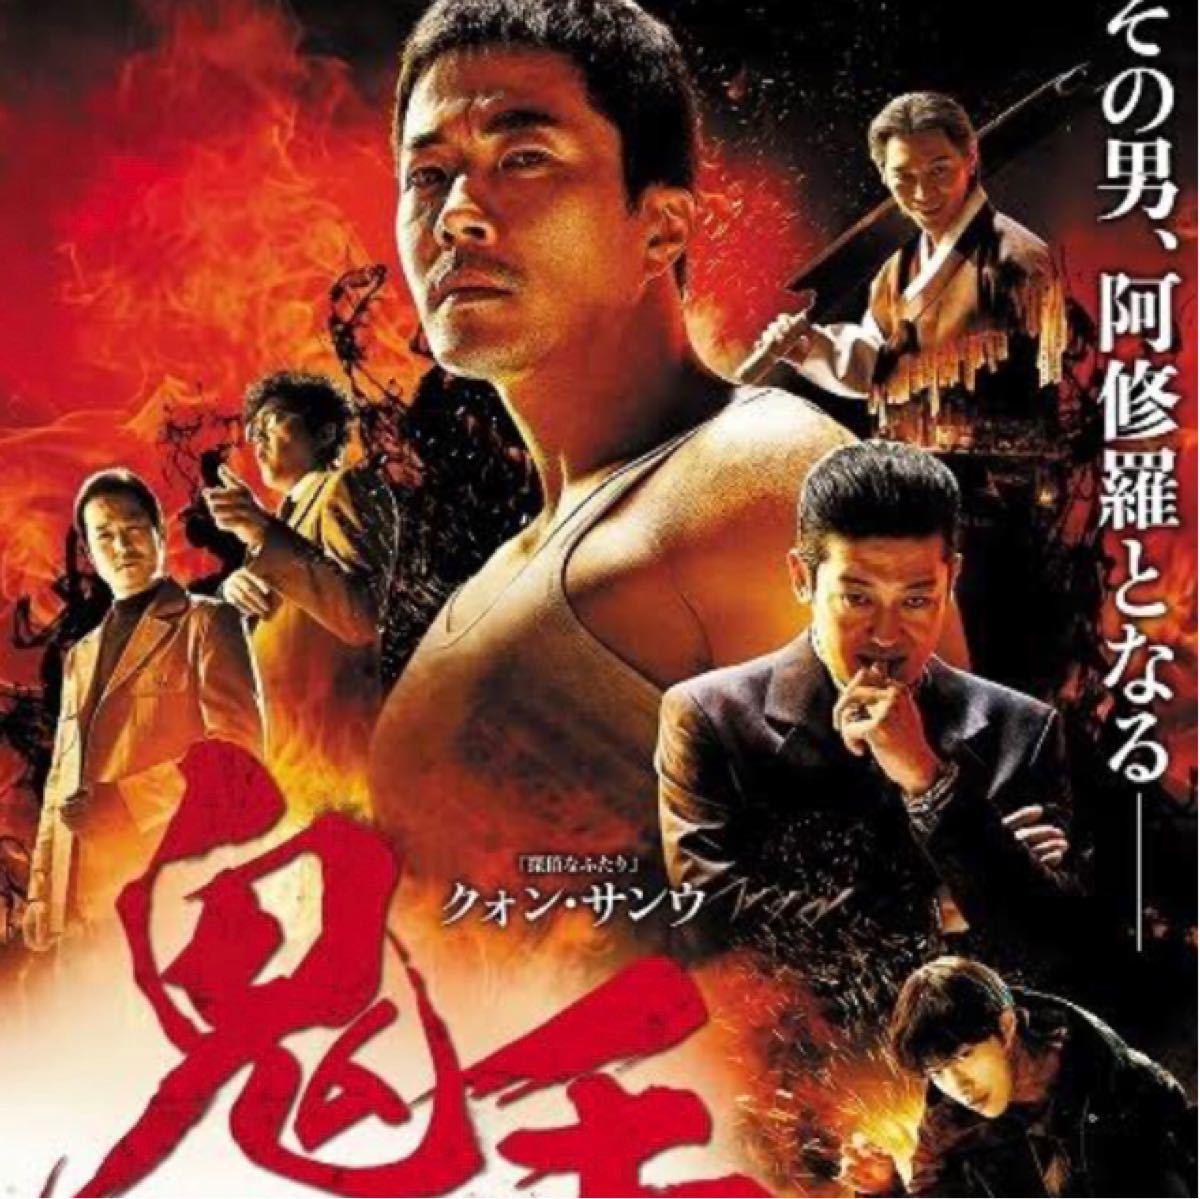 韓国映画  鬼手  クォン・サンウ  DVD  日本語吹替有り  レーベル有り